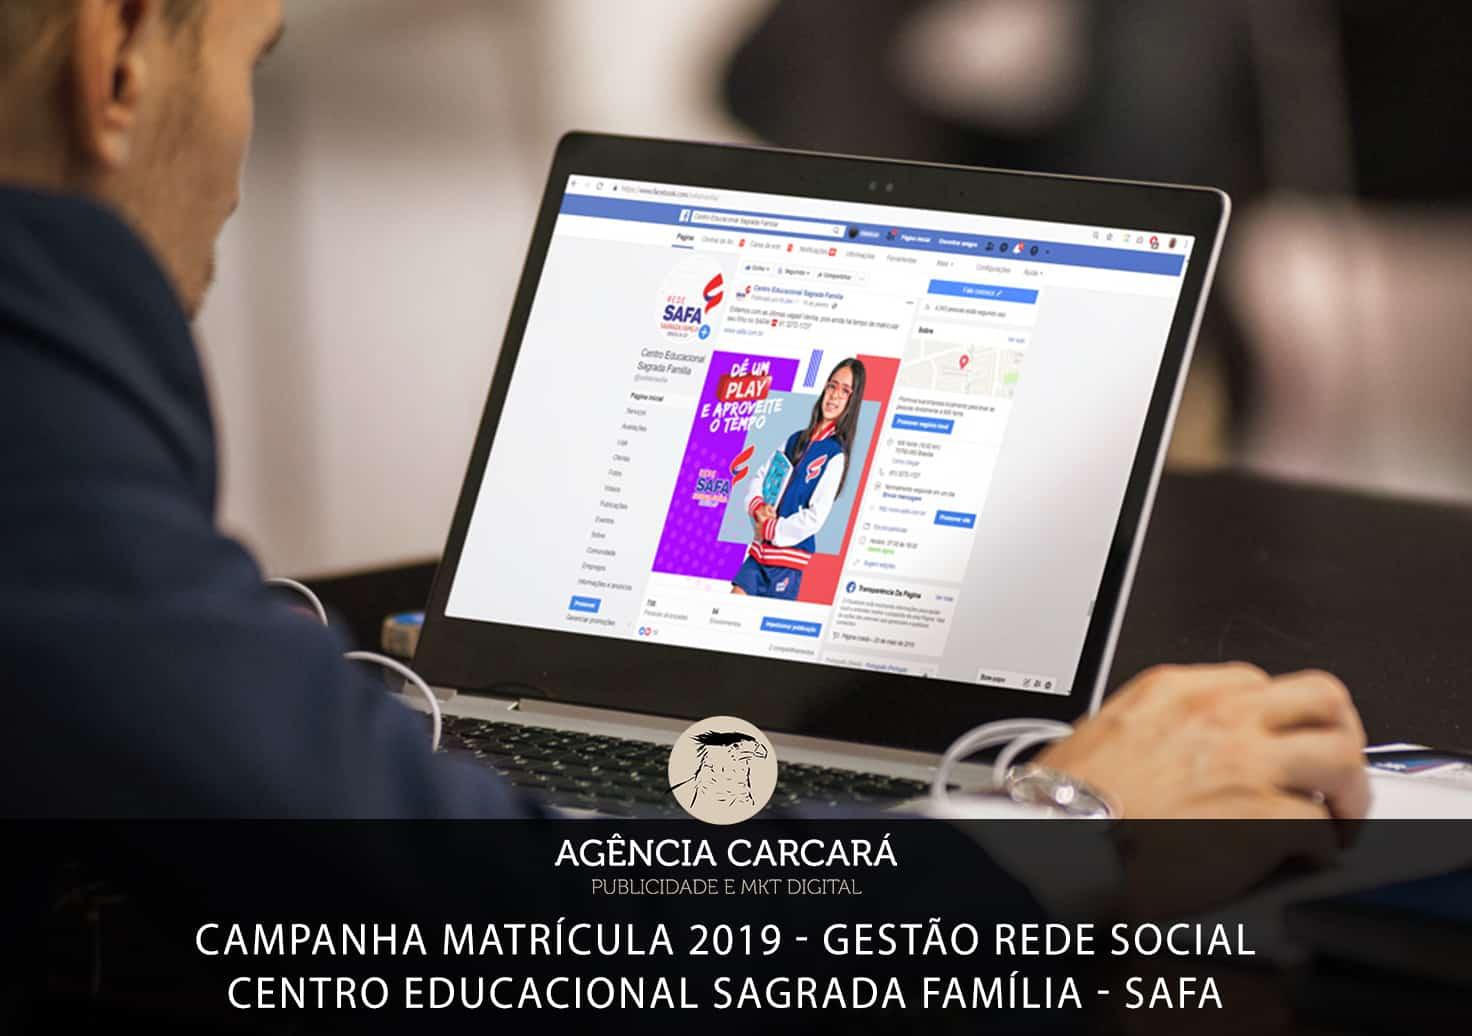 fcf0e9cd2c Agência Carcará de Publicidade e Marketing Digital Brasília DF